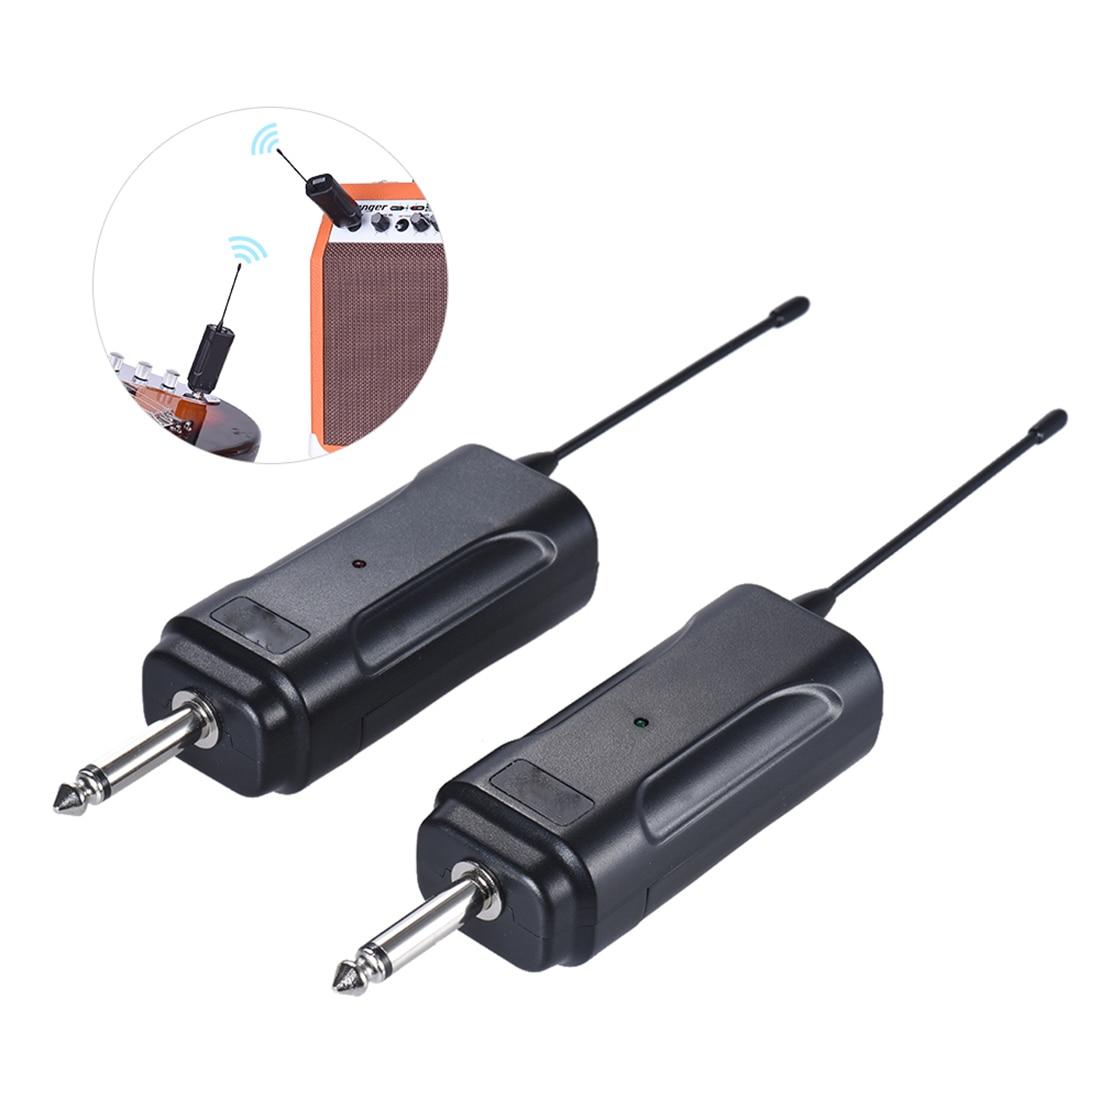 Système récepteur émetteur Audio sans fil Portable pour guitare électrique basse Instrument de musique violon électrique